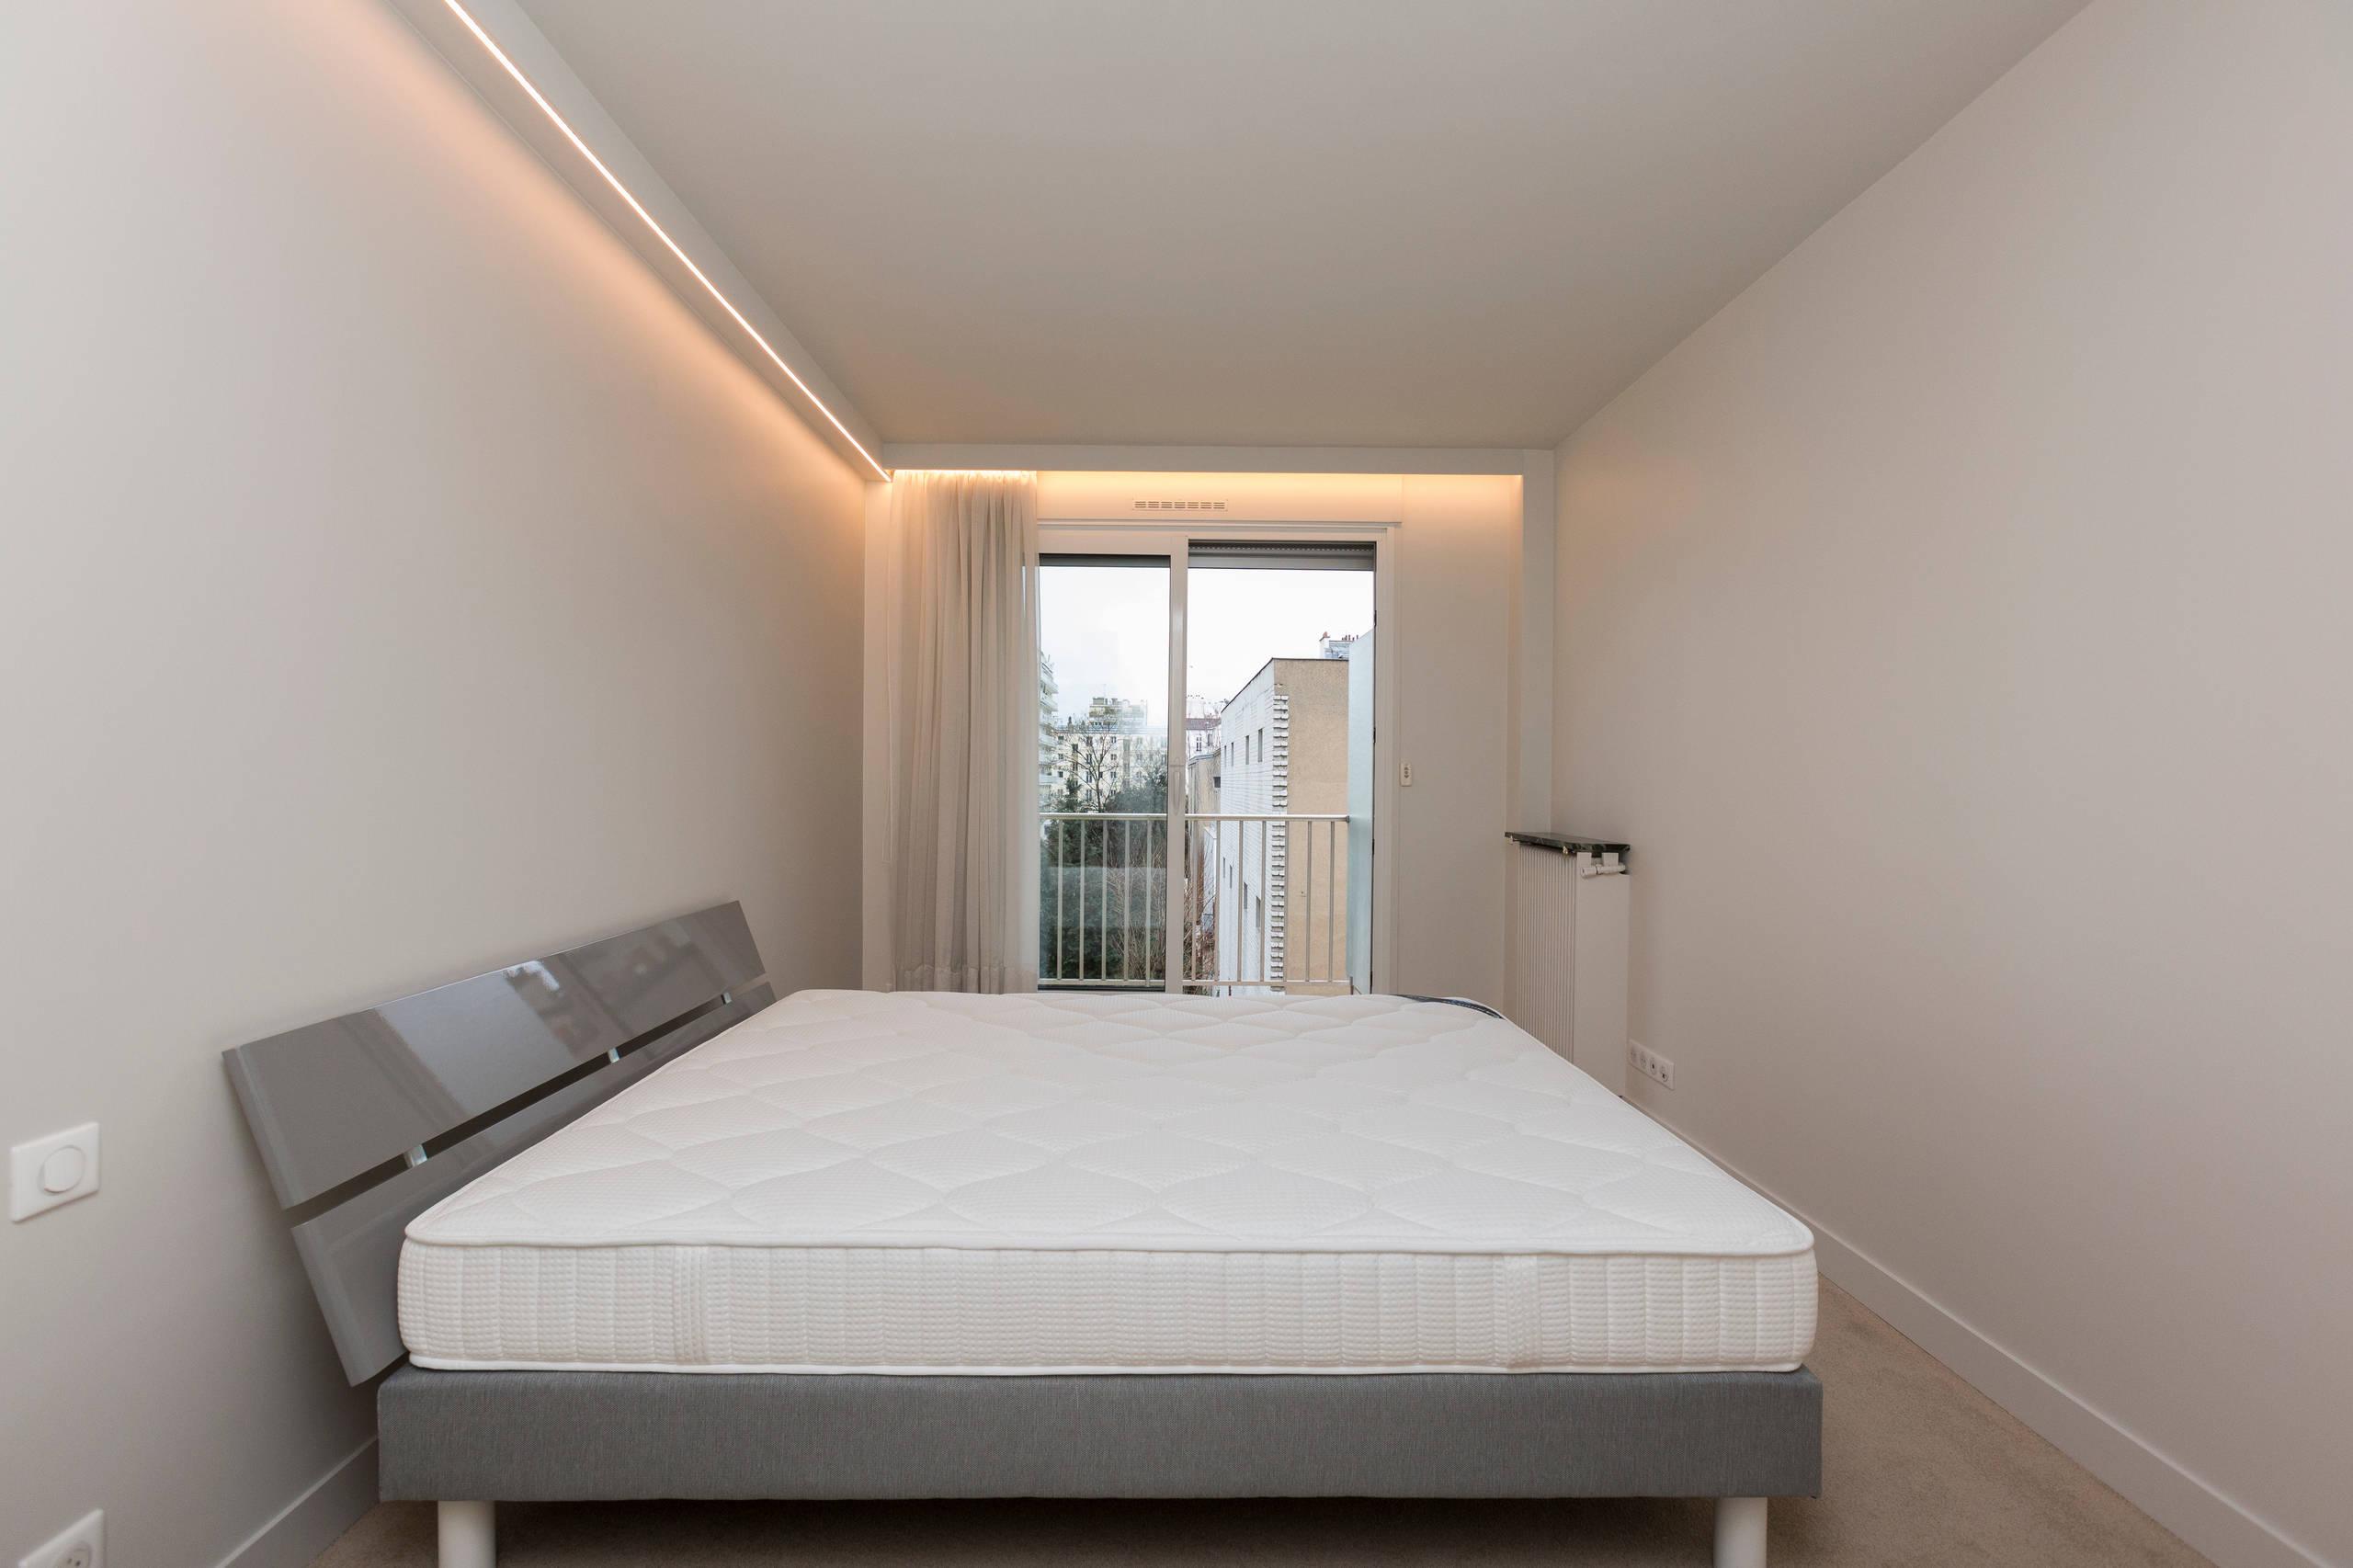 Appartement à louer, pour commencer du pied avec son locataire !!